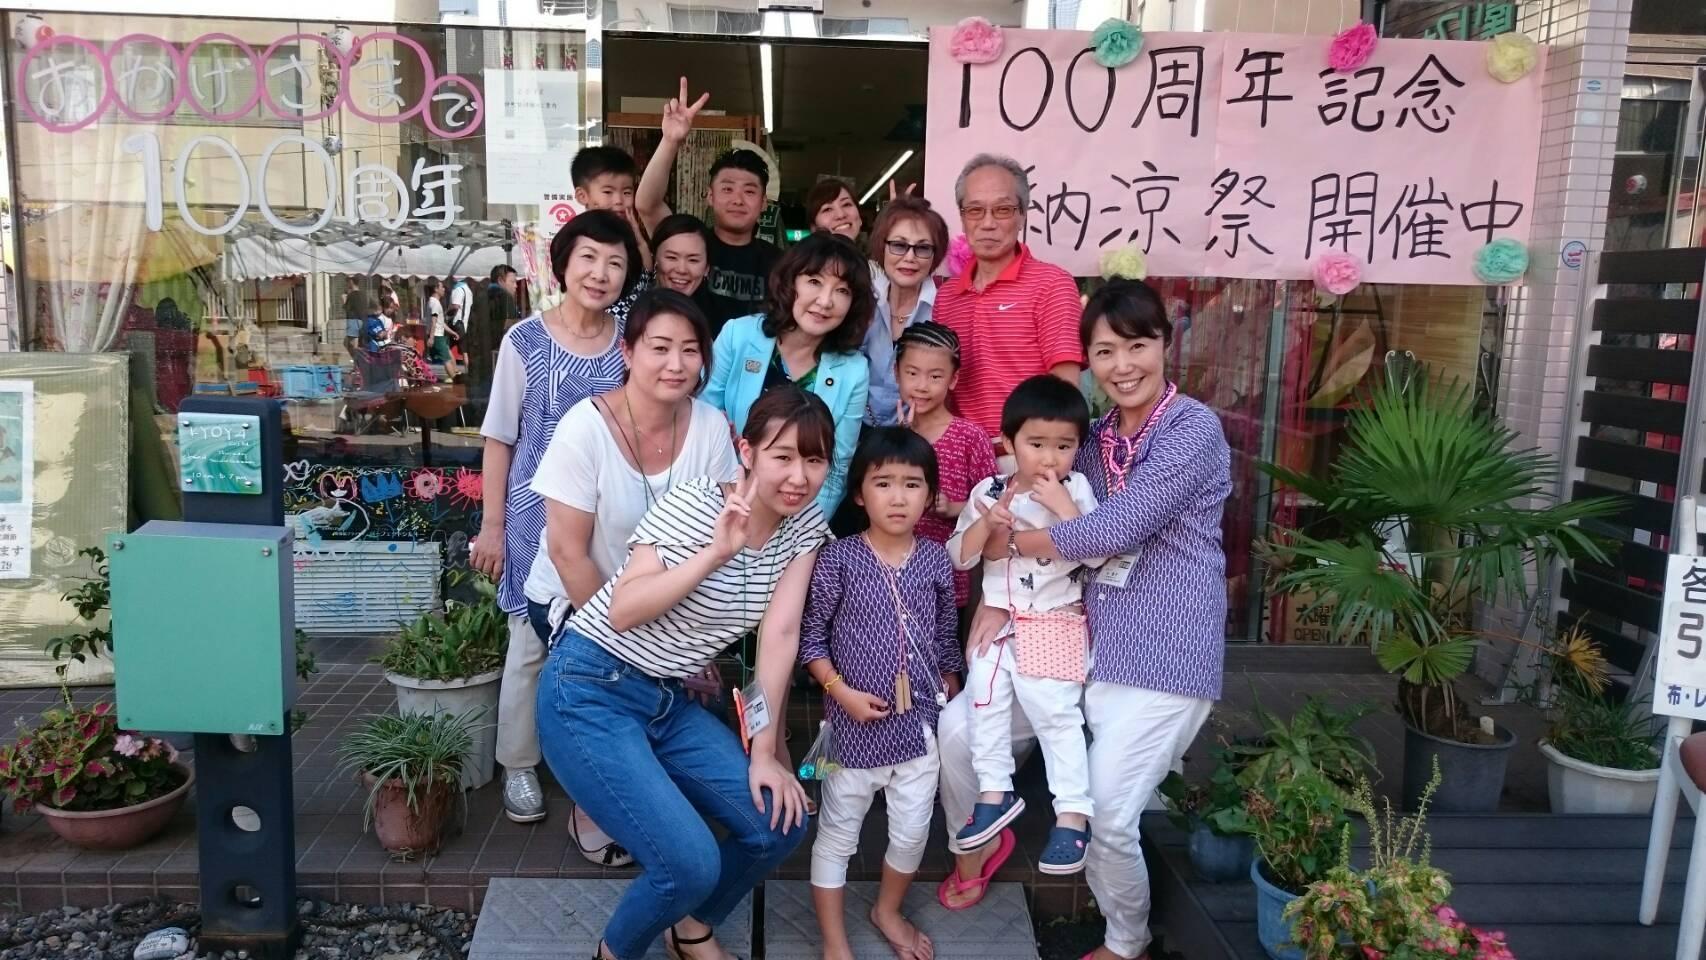 ☆☆ 大盛況!! ☆☆  BY 100周年記念納涼祭_e0243413_11380521.jpg